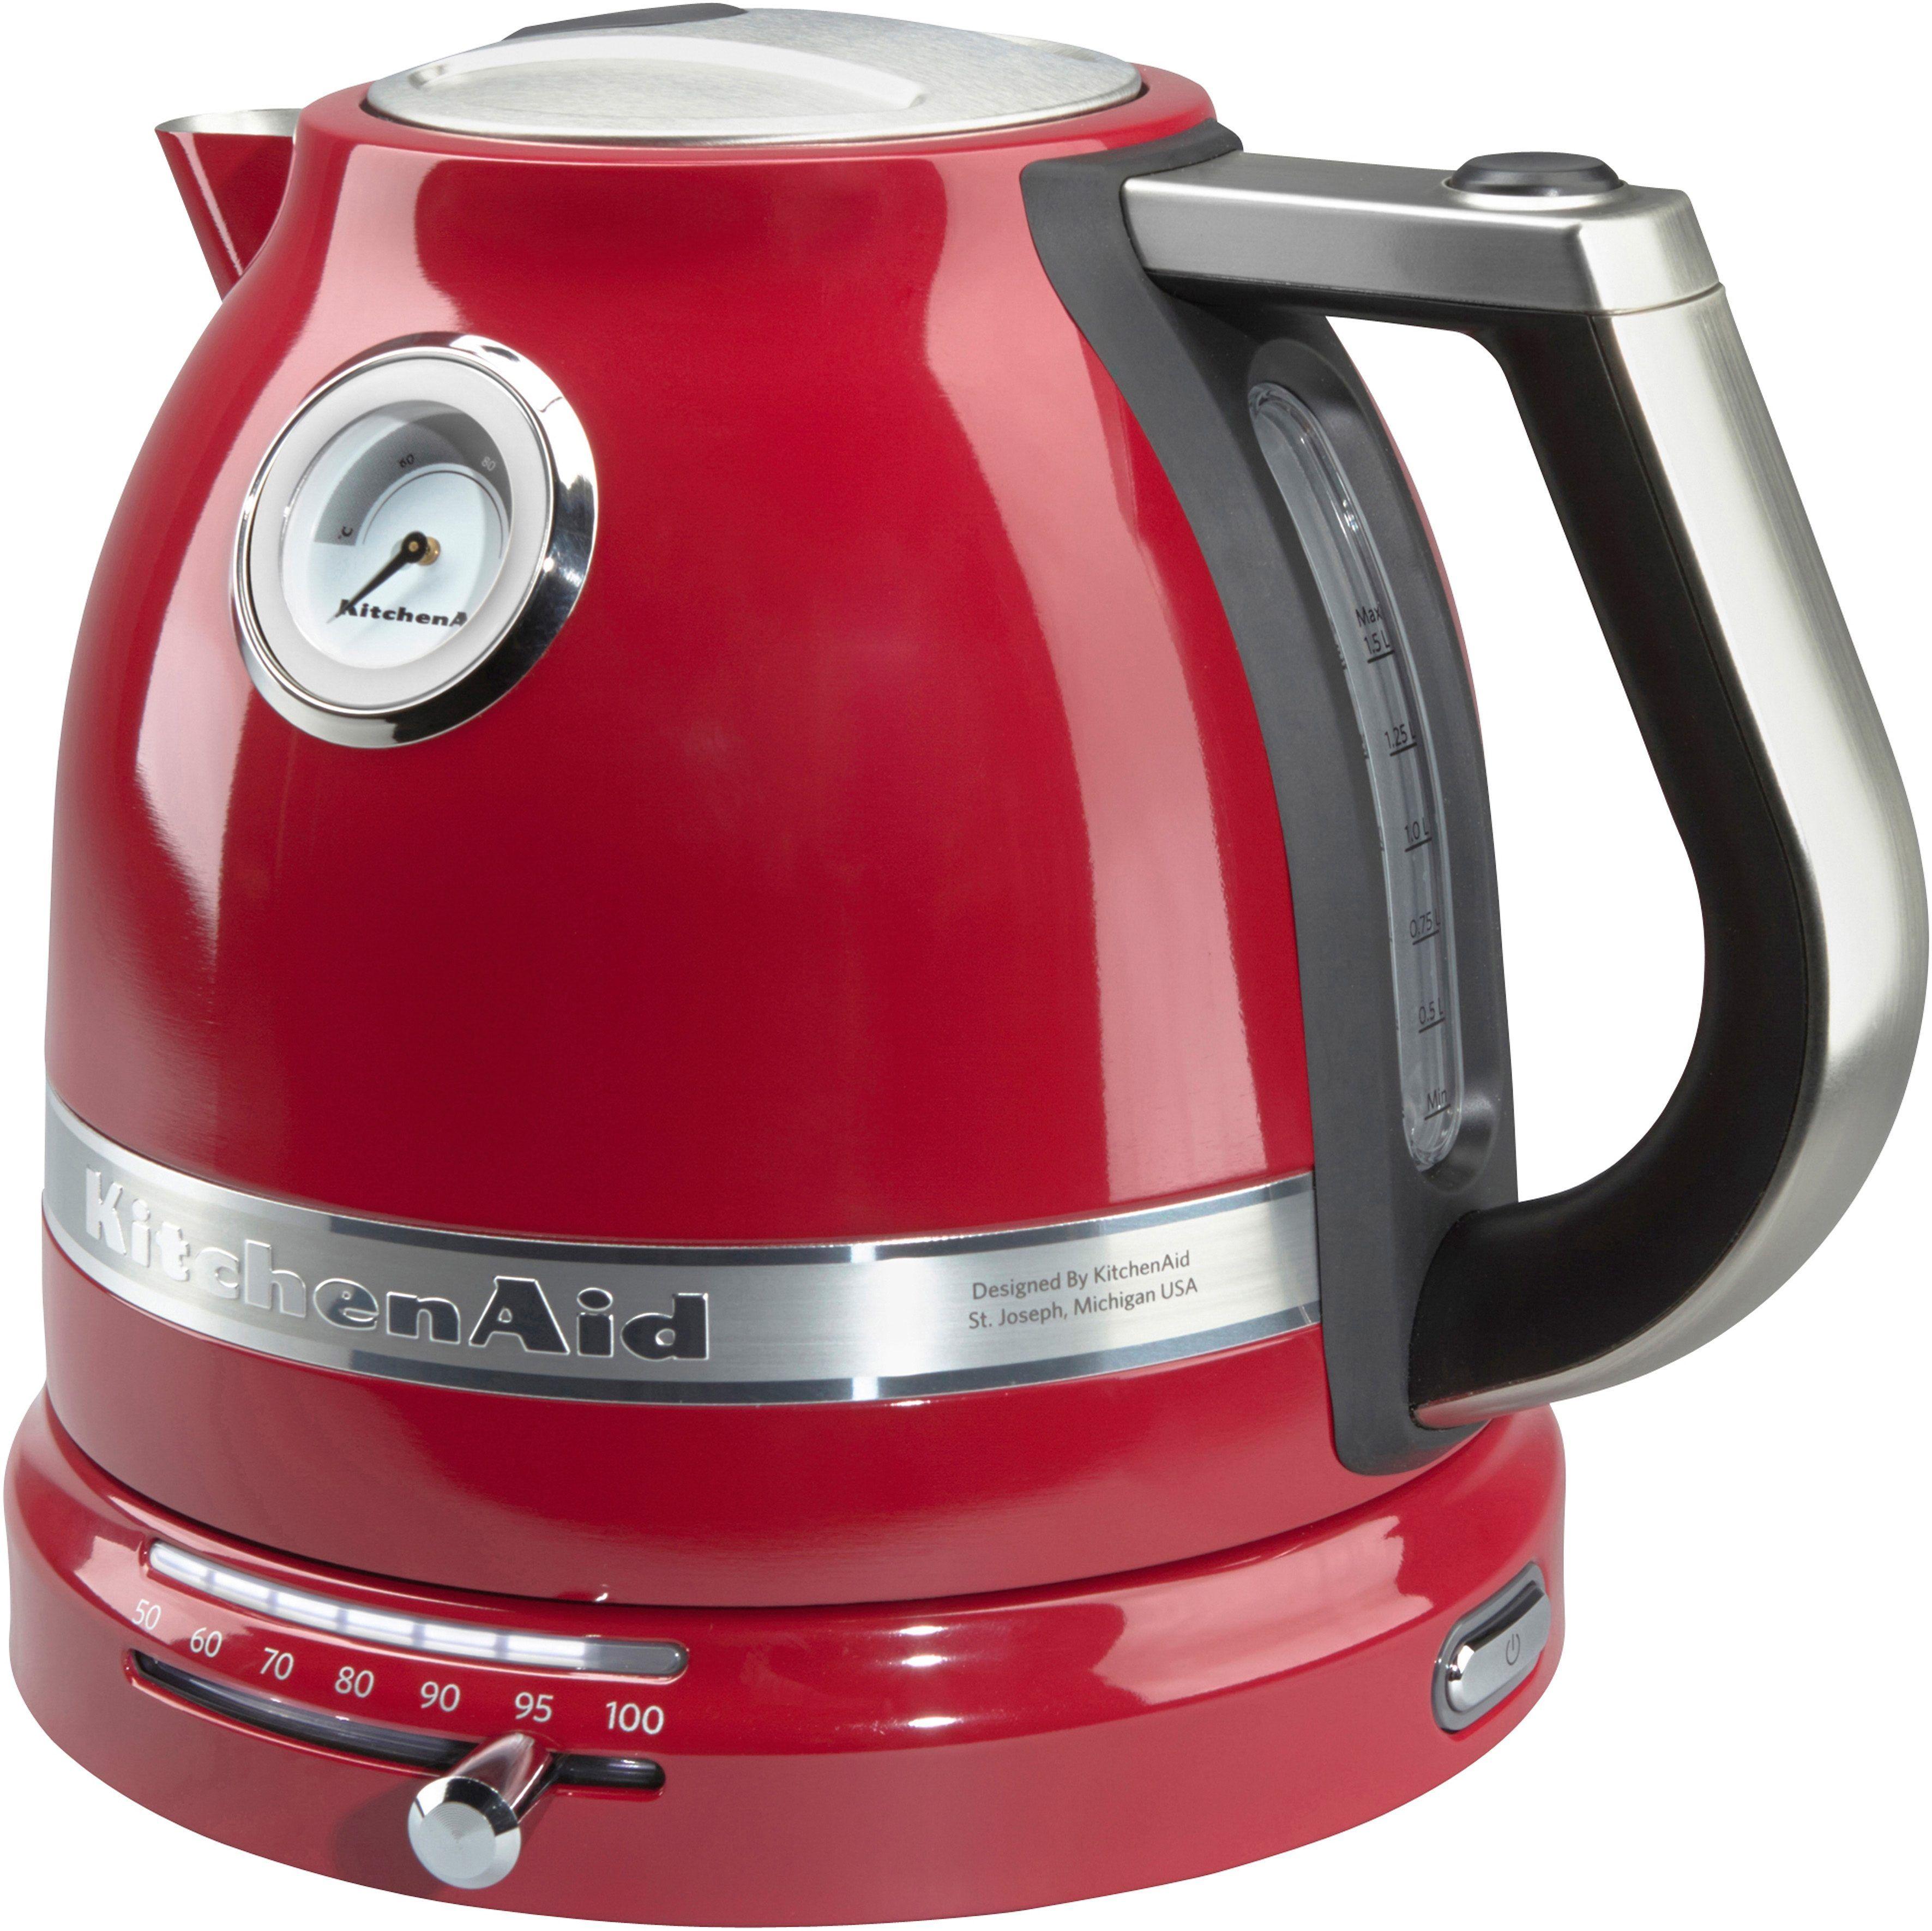 KitchenAid® Artisan Wasserkocher- Ausgerüstet mit vielen nützlichen ...